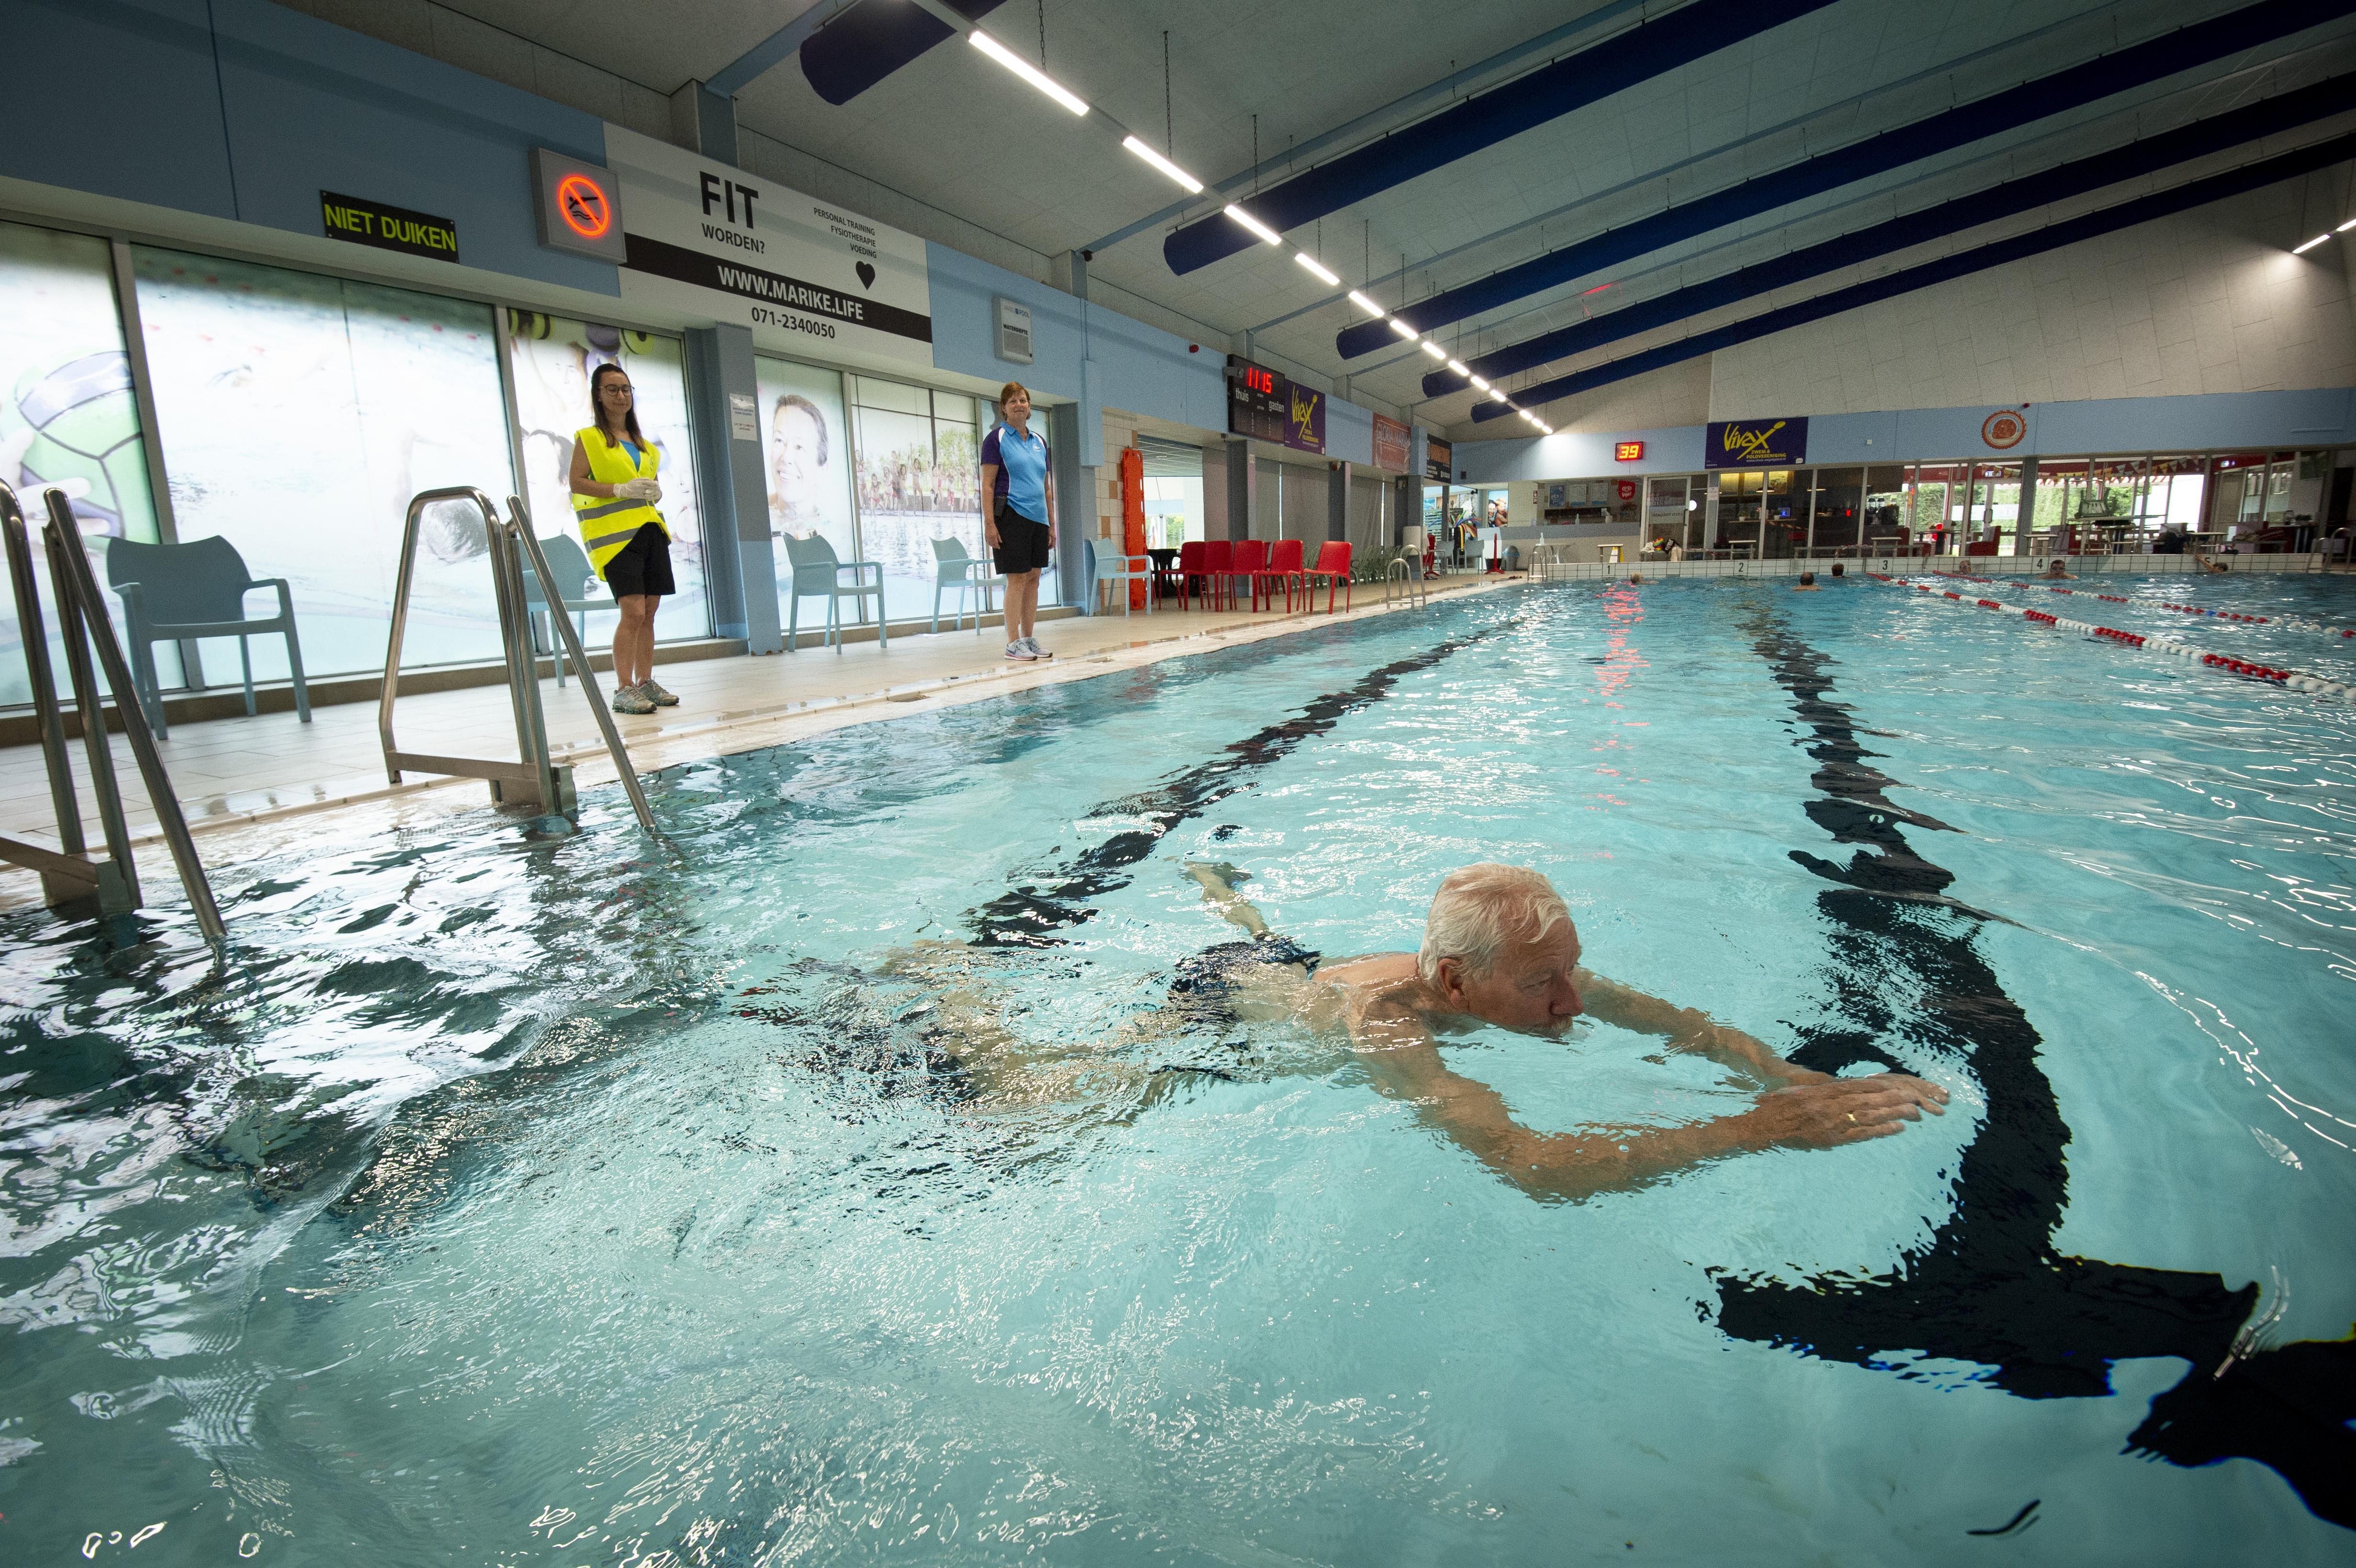 Na twee maanden eindelijk 55 minuten baantjes trekken in zwembad Poelmeer: 'Nooit geweten dat zwemmen zo lekker was'